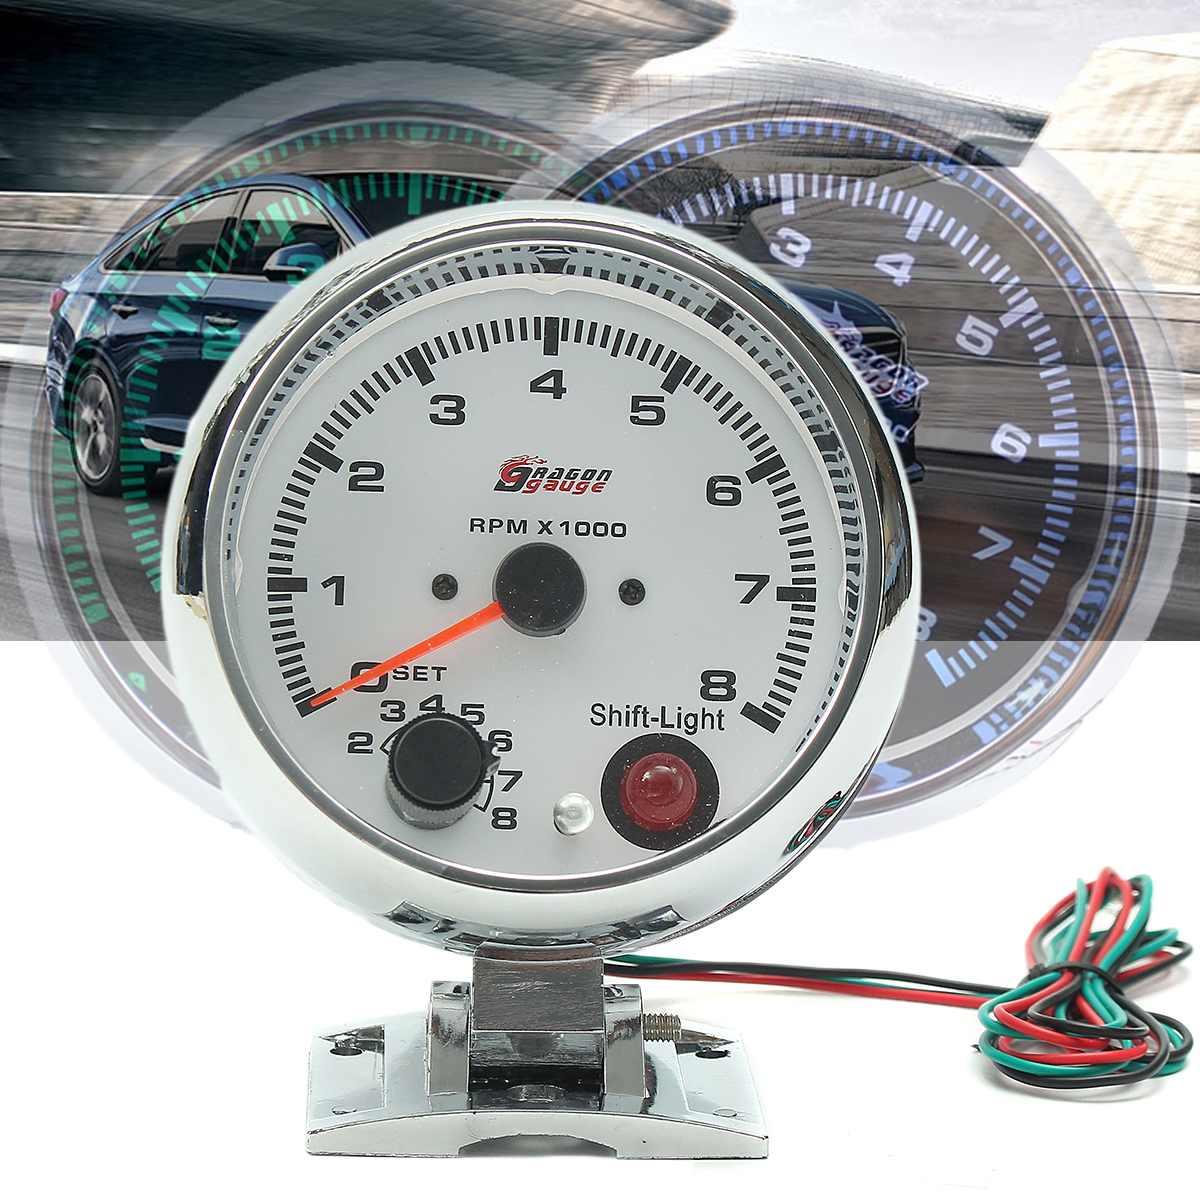 D DOLITY Universal Motorcycle LED Digital Display RPM Odometer Tachometer Gauge Fuel Meter 12V